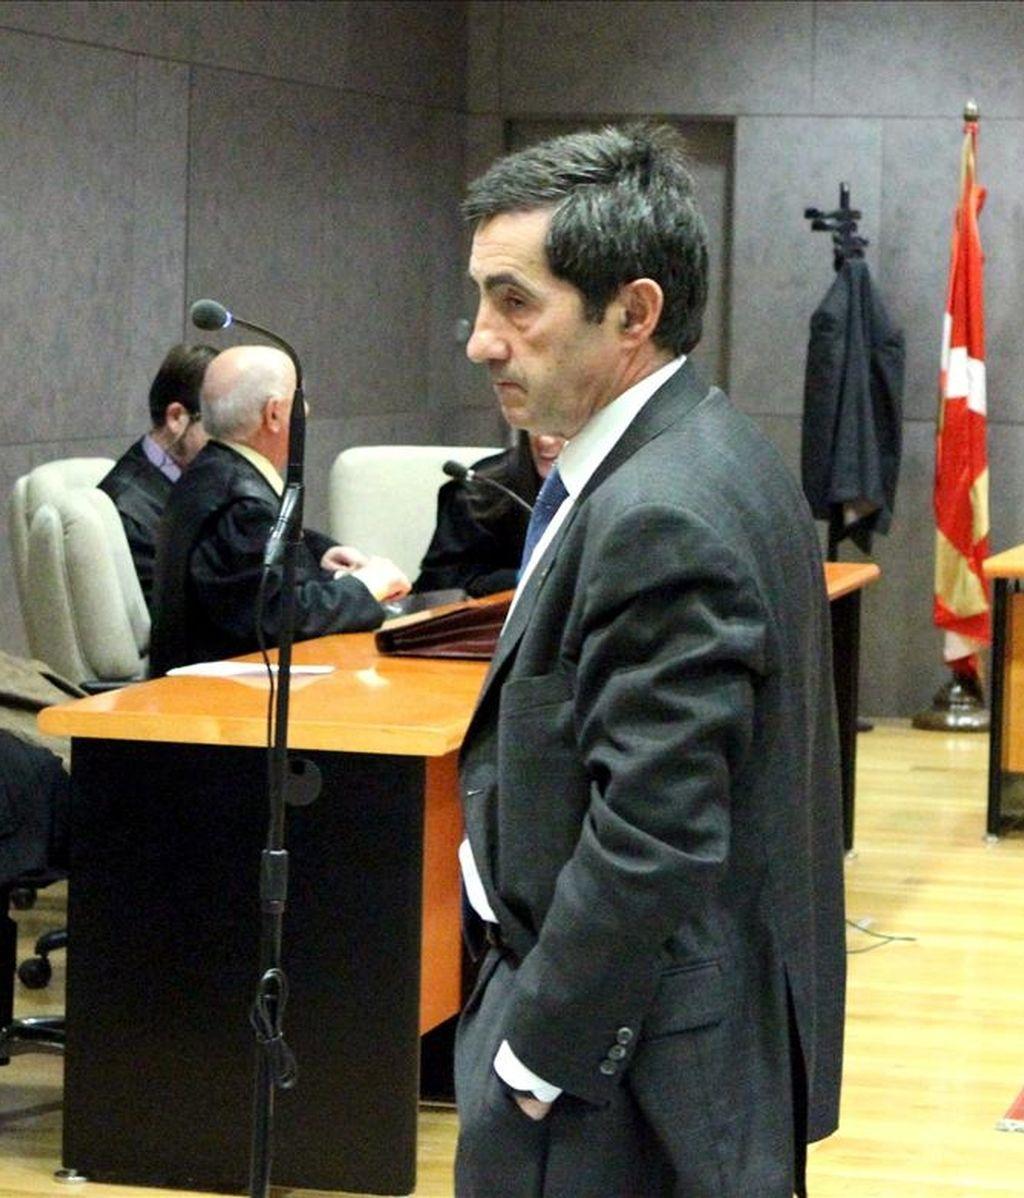 El que fuera jefe de inspección de la Hacienda Foral vizcaína Juan Ramón Ibarra. EFE/Archivo